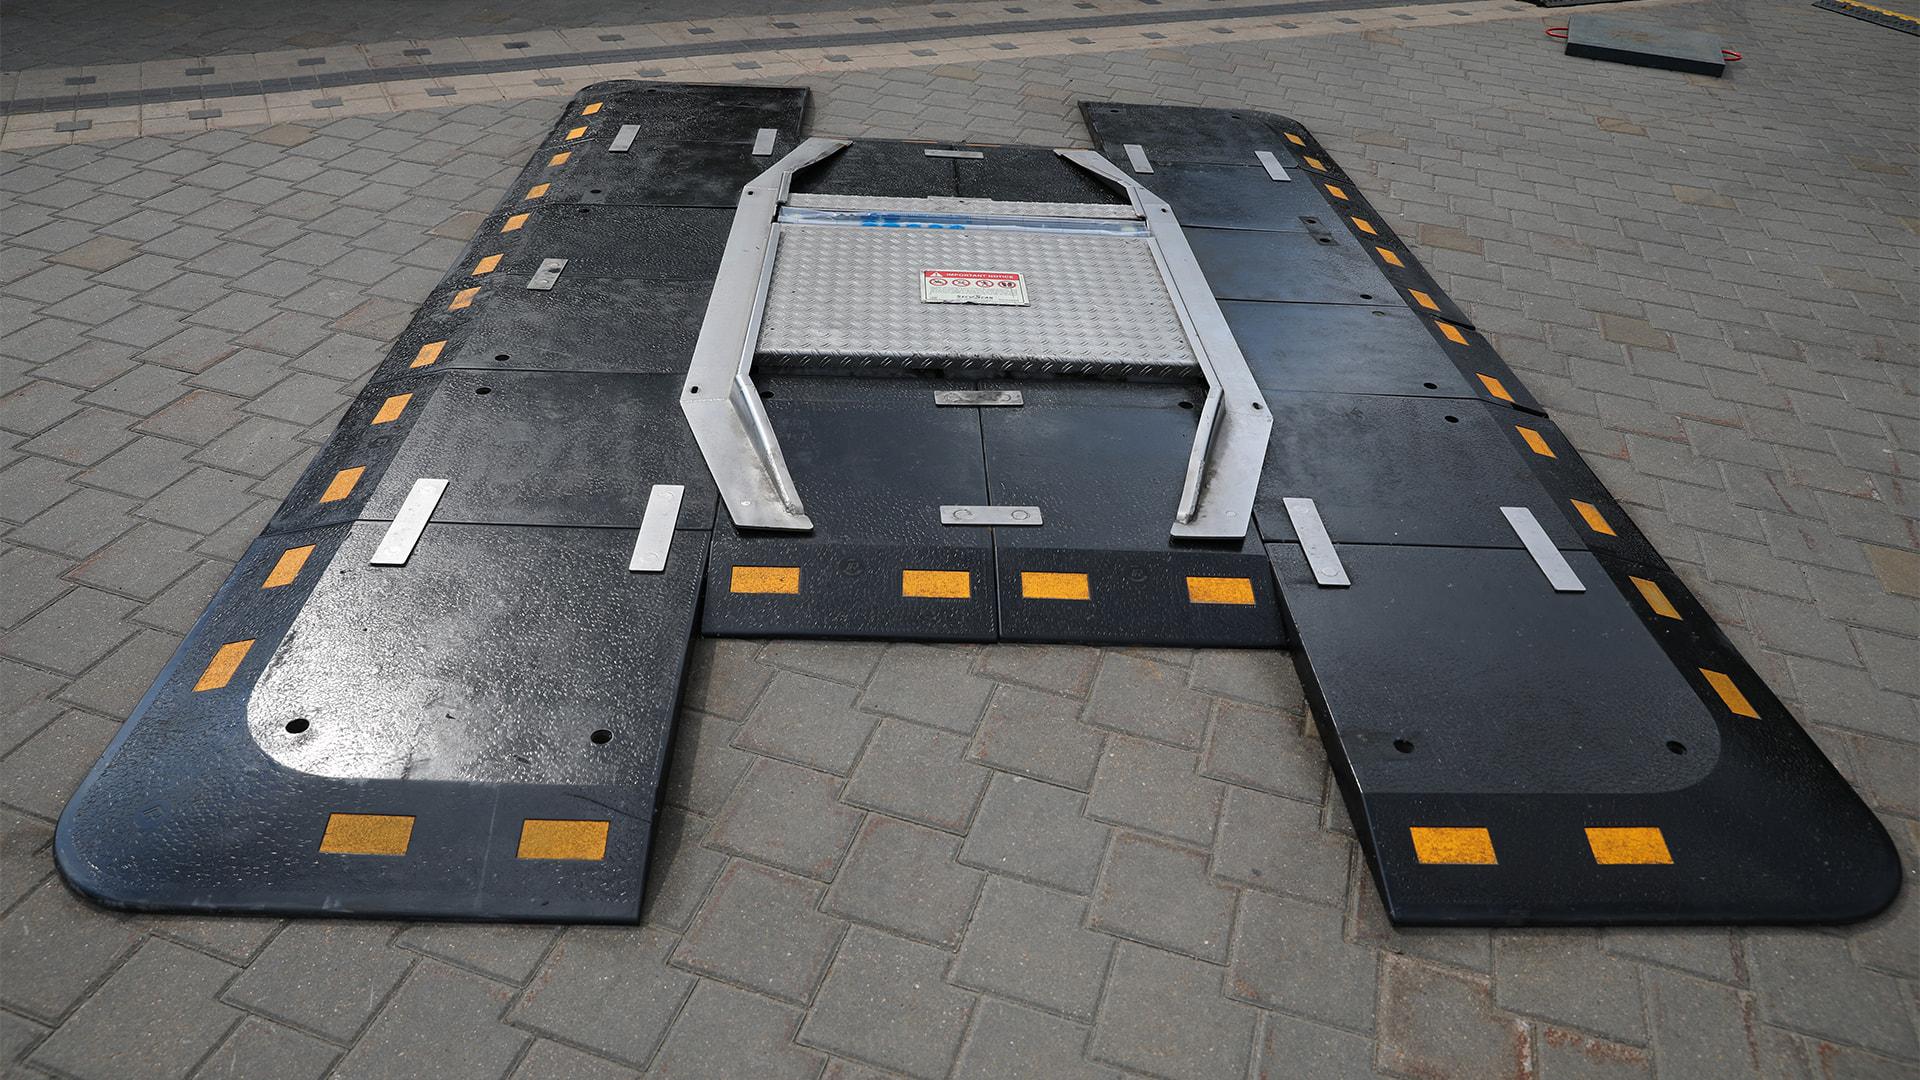 secuscan-система-сканирования-днища-автомобиля